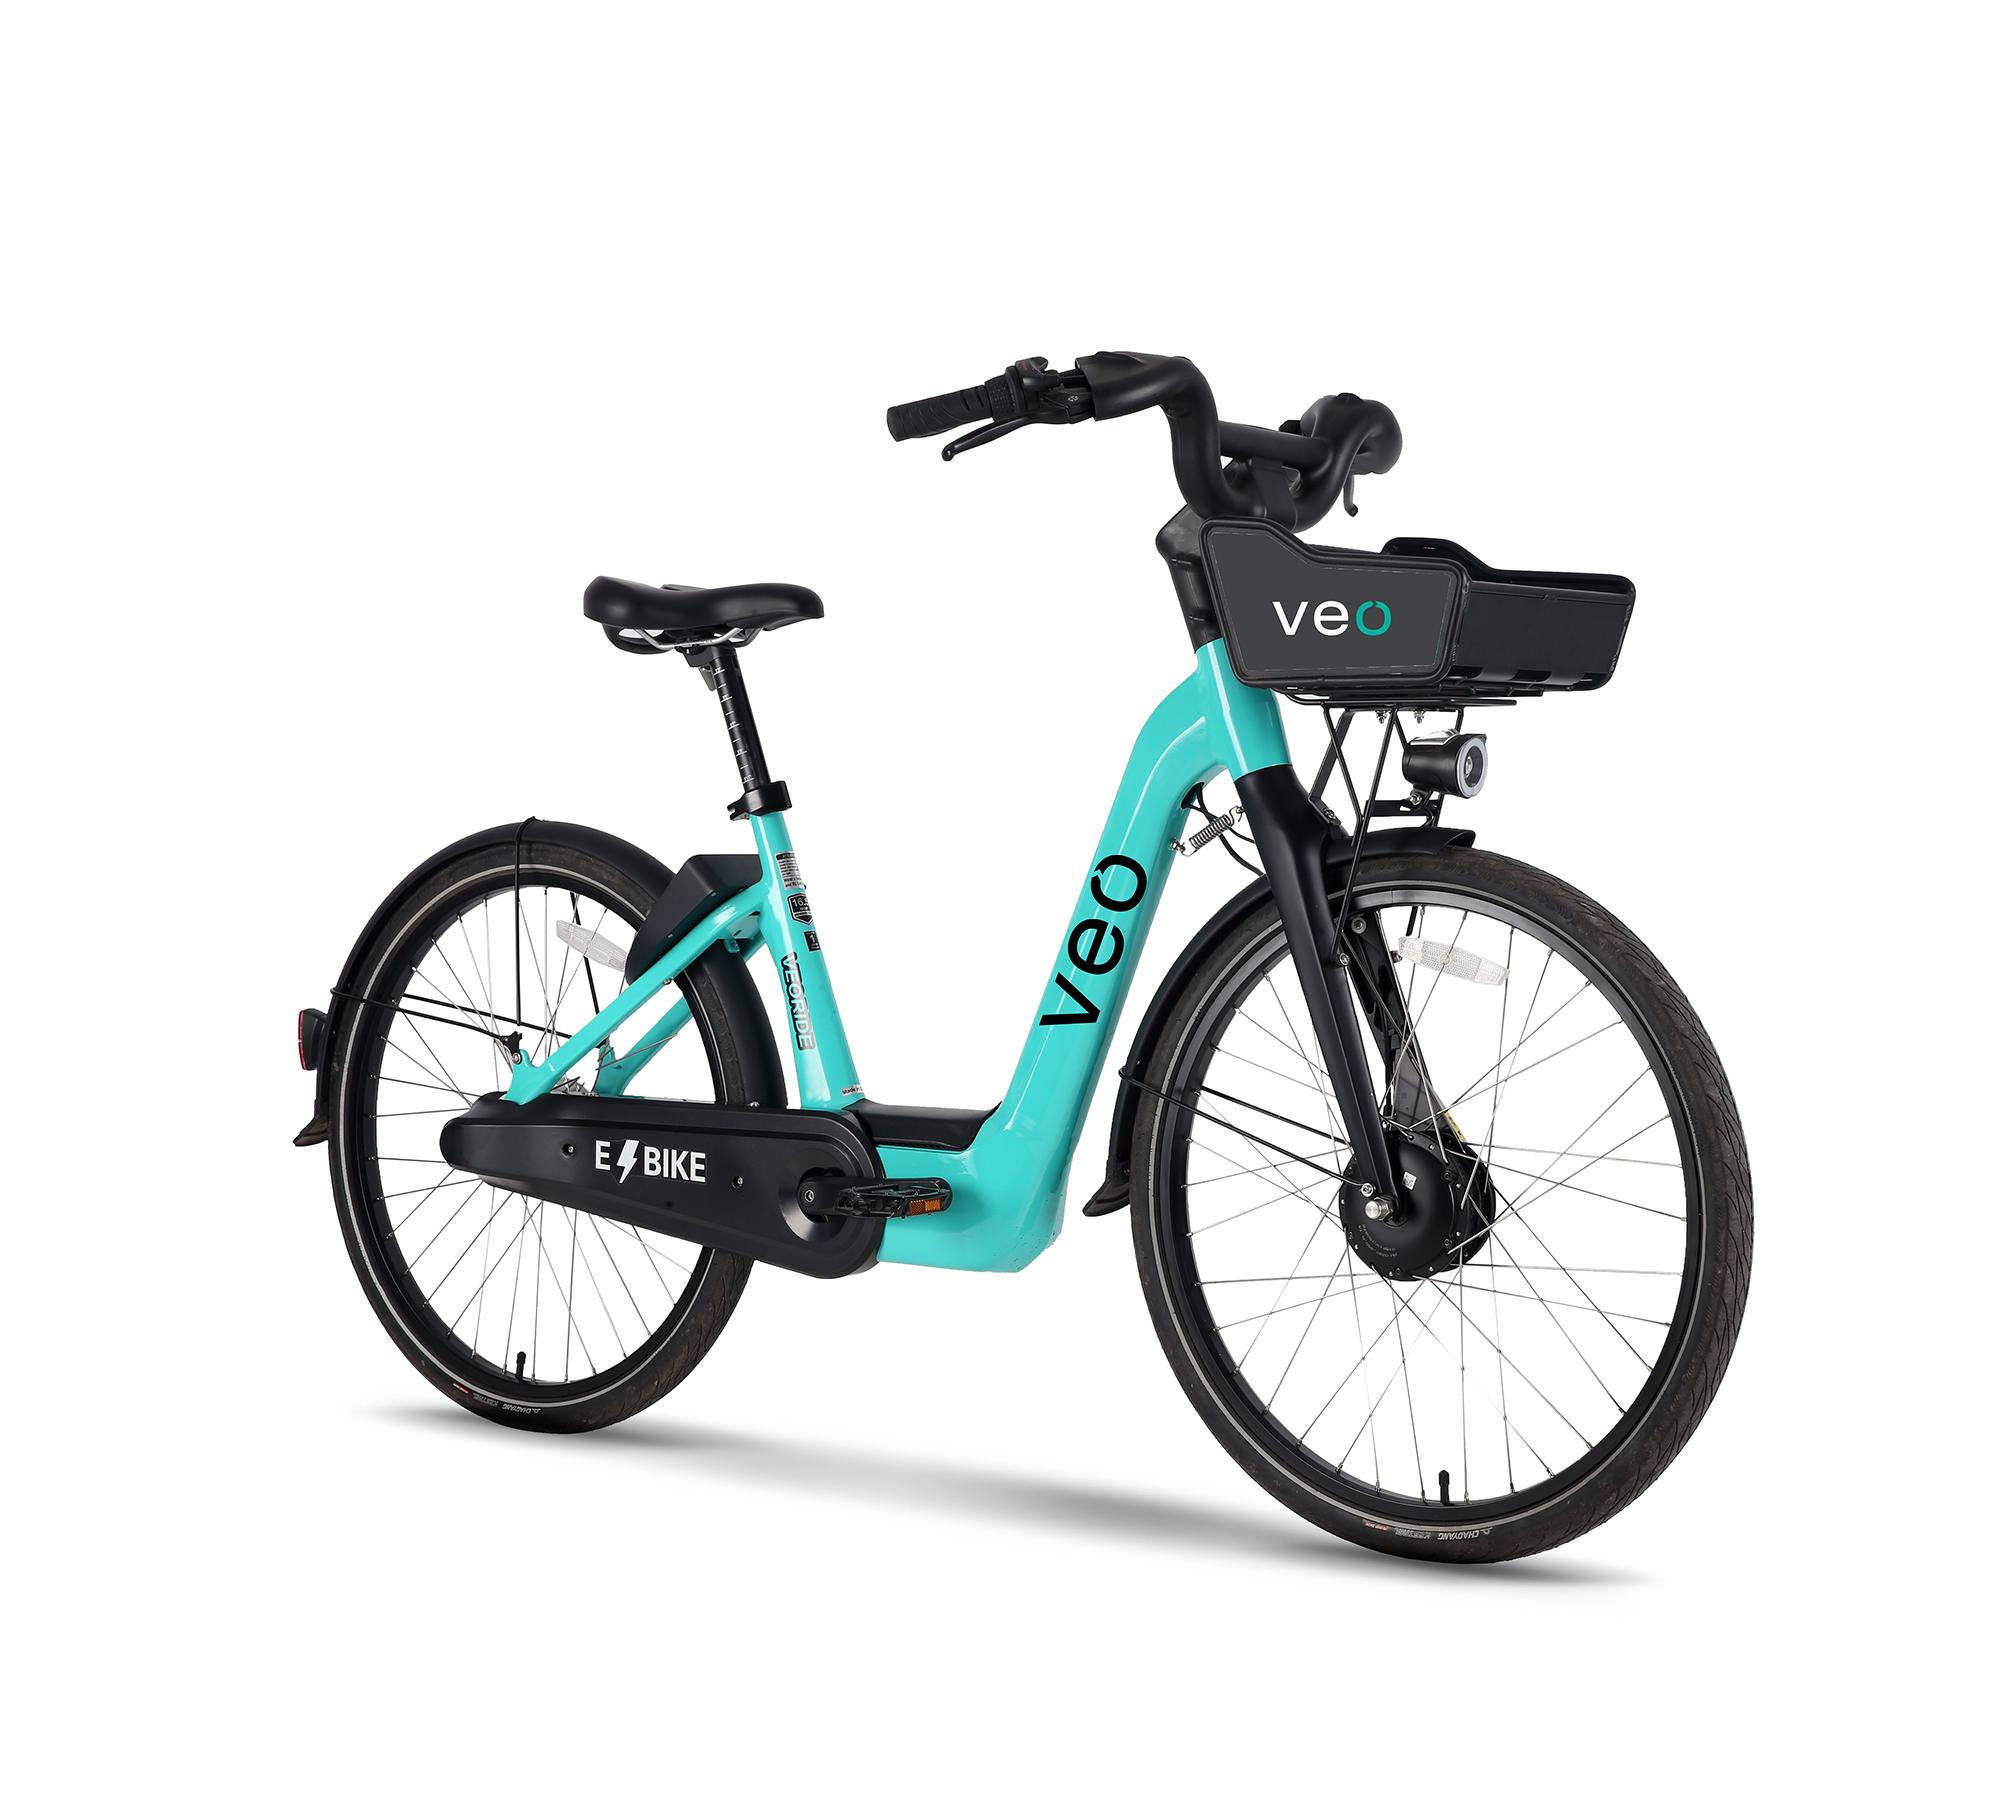 e bike - small